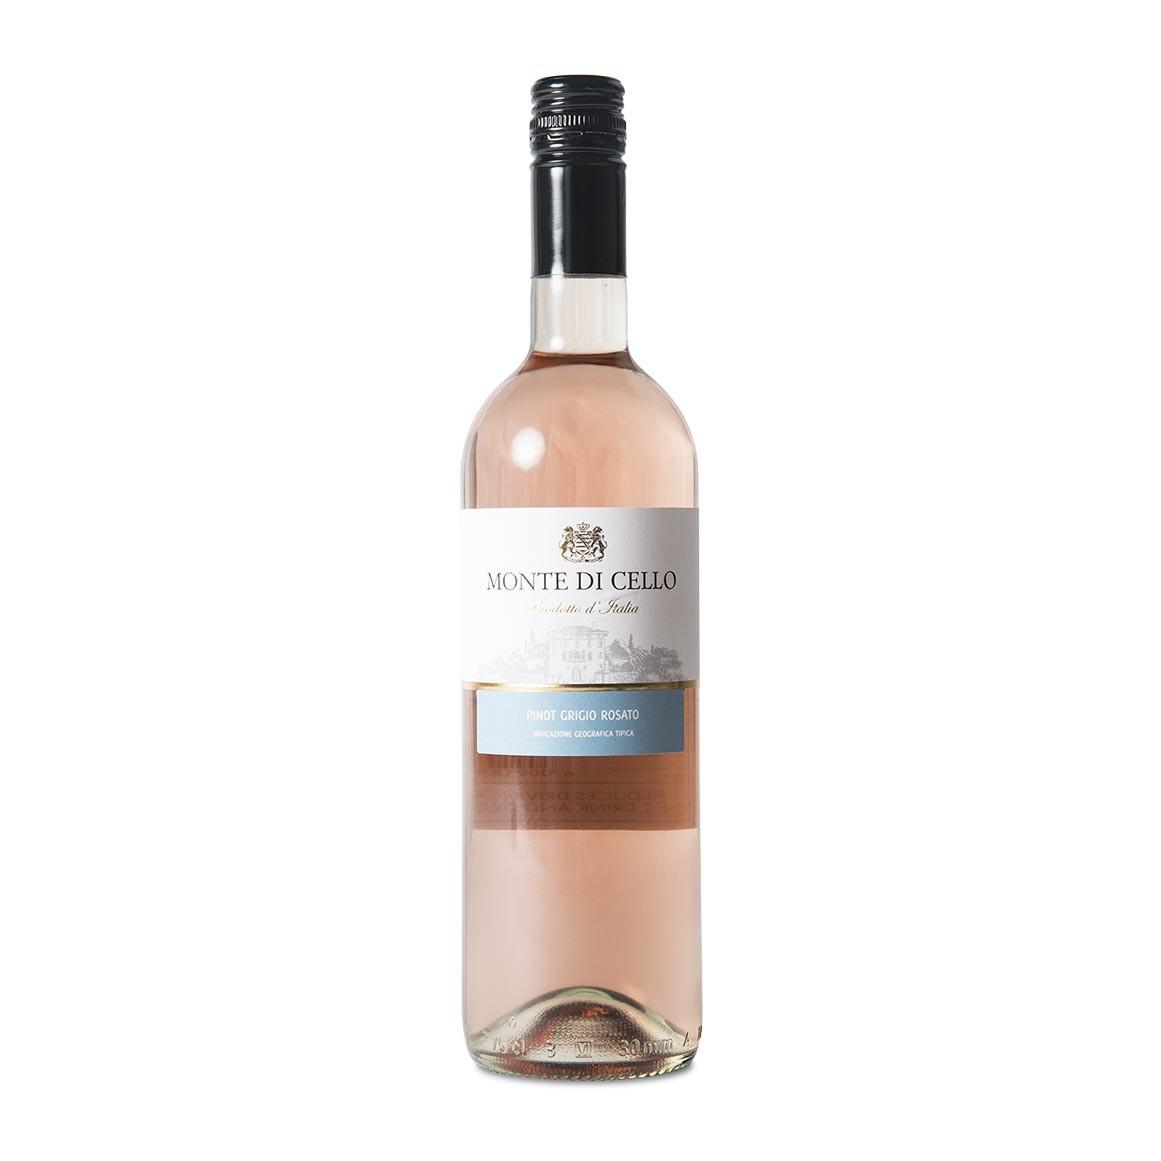 Monte di Cello Pinot Grigio Rosato 2016